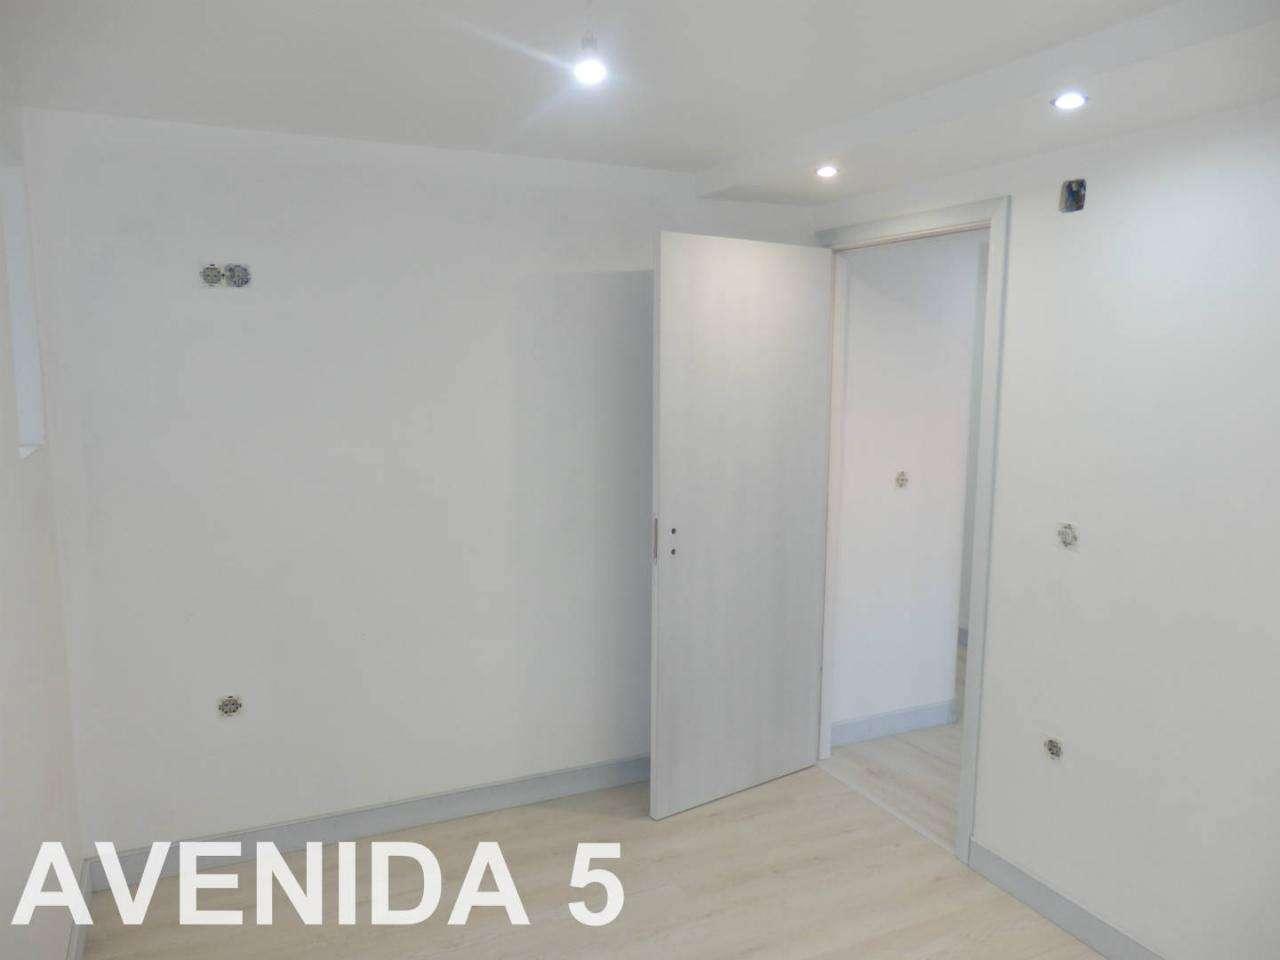 Apartamento para comprar, São Vicente, Lisboa - Foto 4